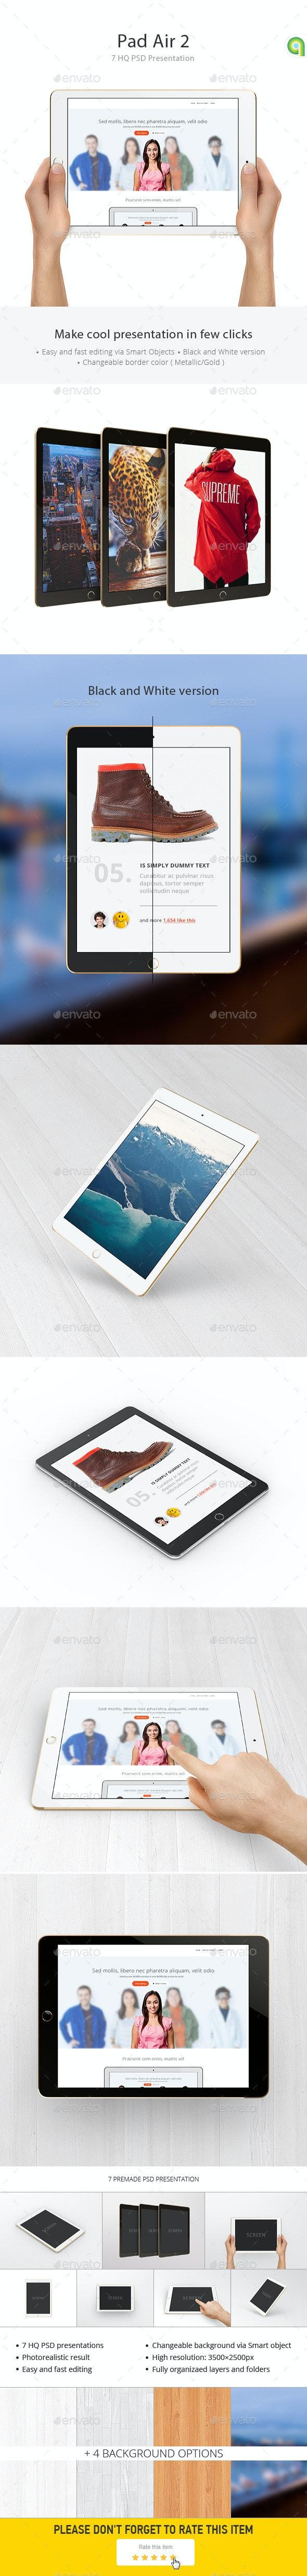 Tablet Mockup - Mobile Displays